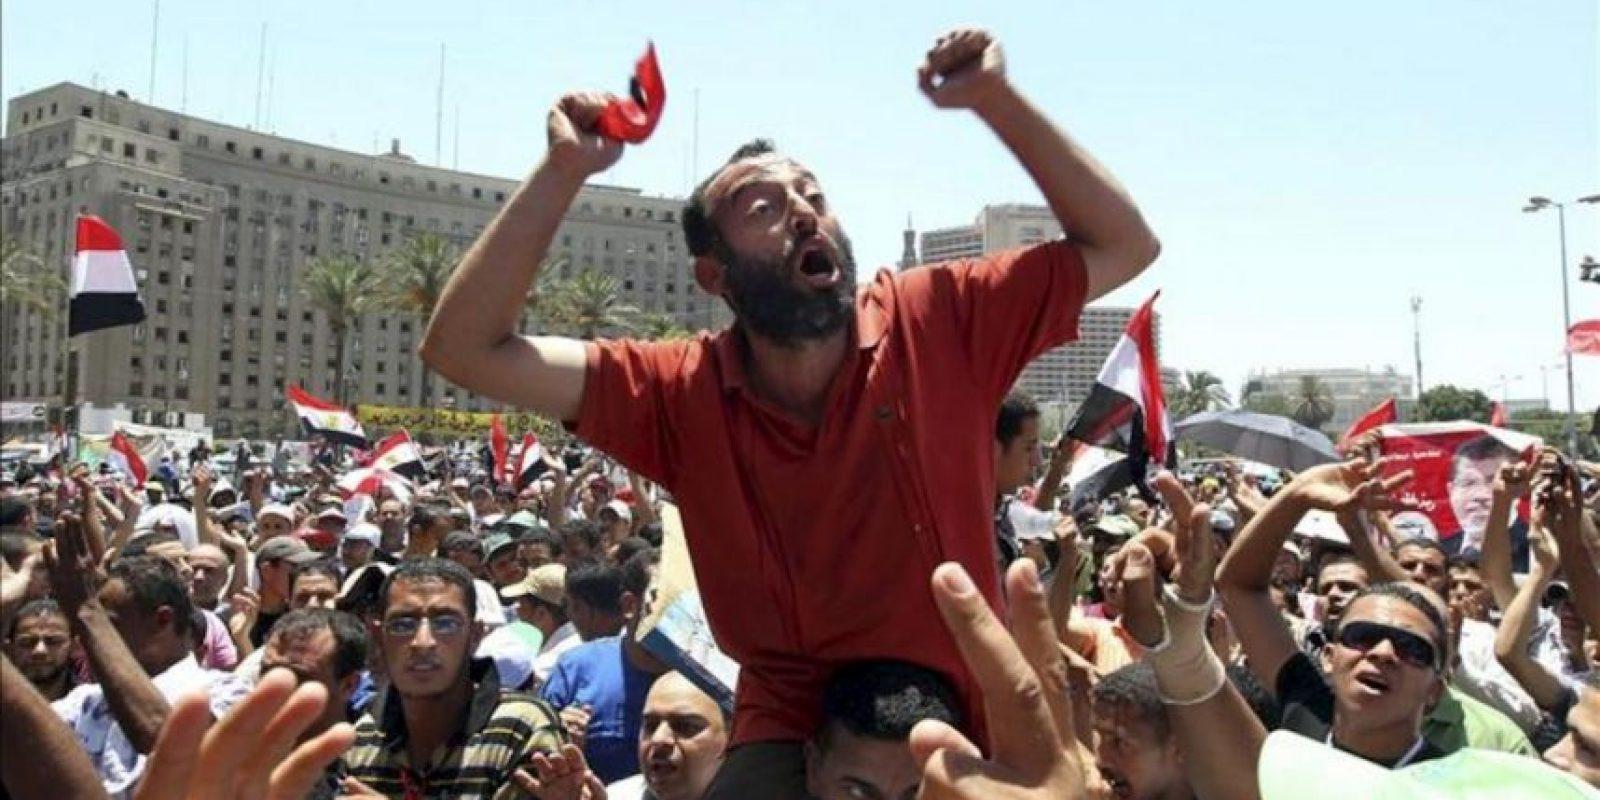 Simpatizantes del candidato Mohamed Mursi, del Partido Libertad y Justicia (PLJ), corean consignas durante una manifestación convocada en la plaza Tahrir en El Cairo (Egipto). EFE